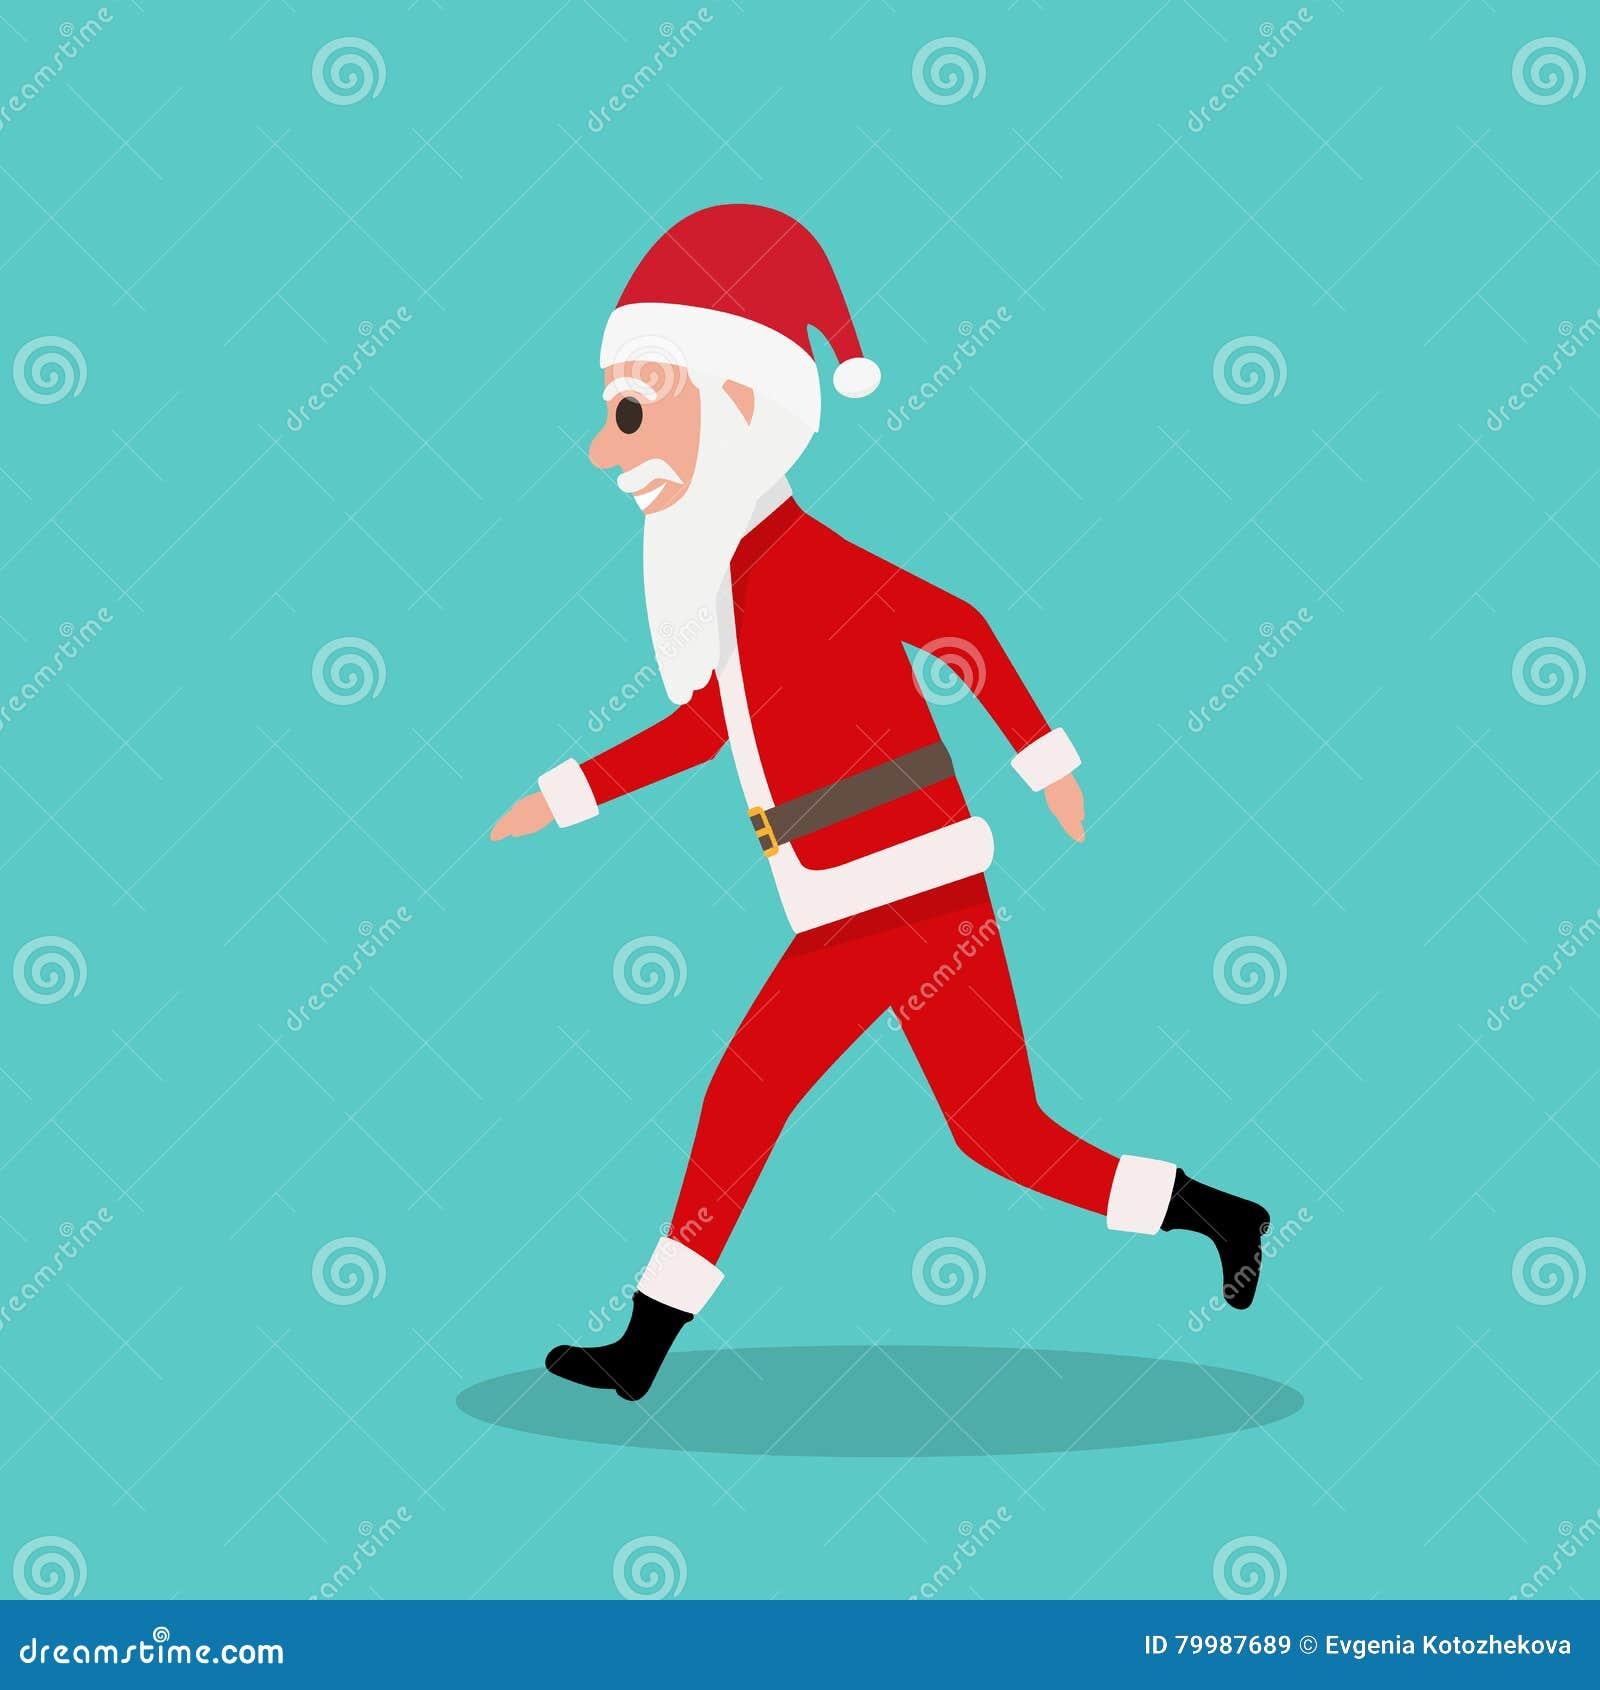 Karikatur-Santa Claus-Läufe Zu Den Kindern Am Weihnachten Vektor ...